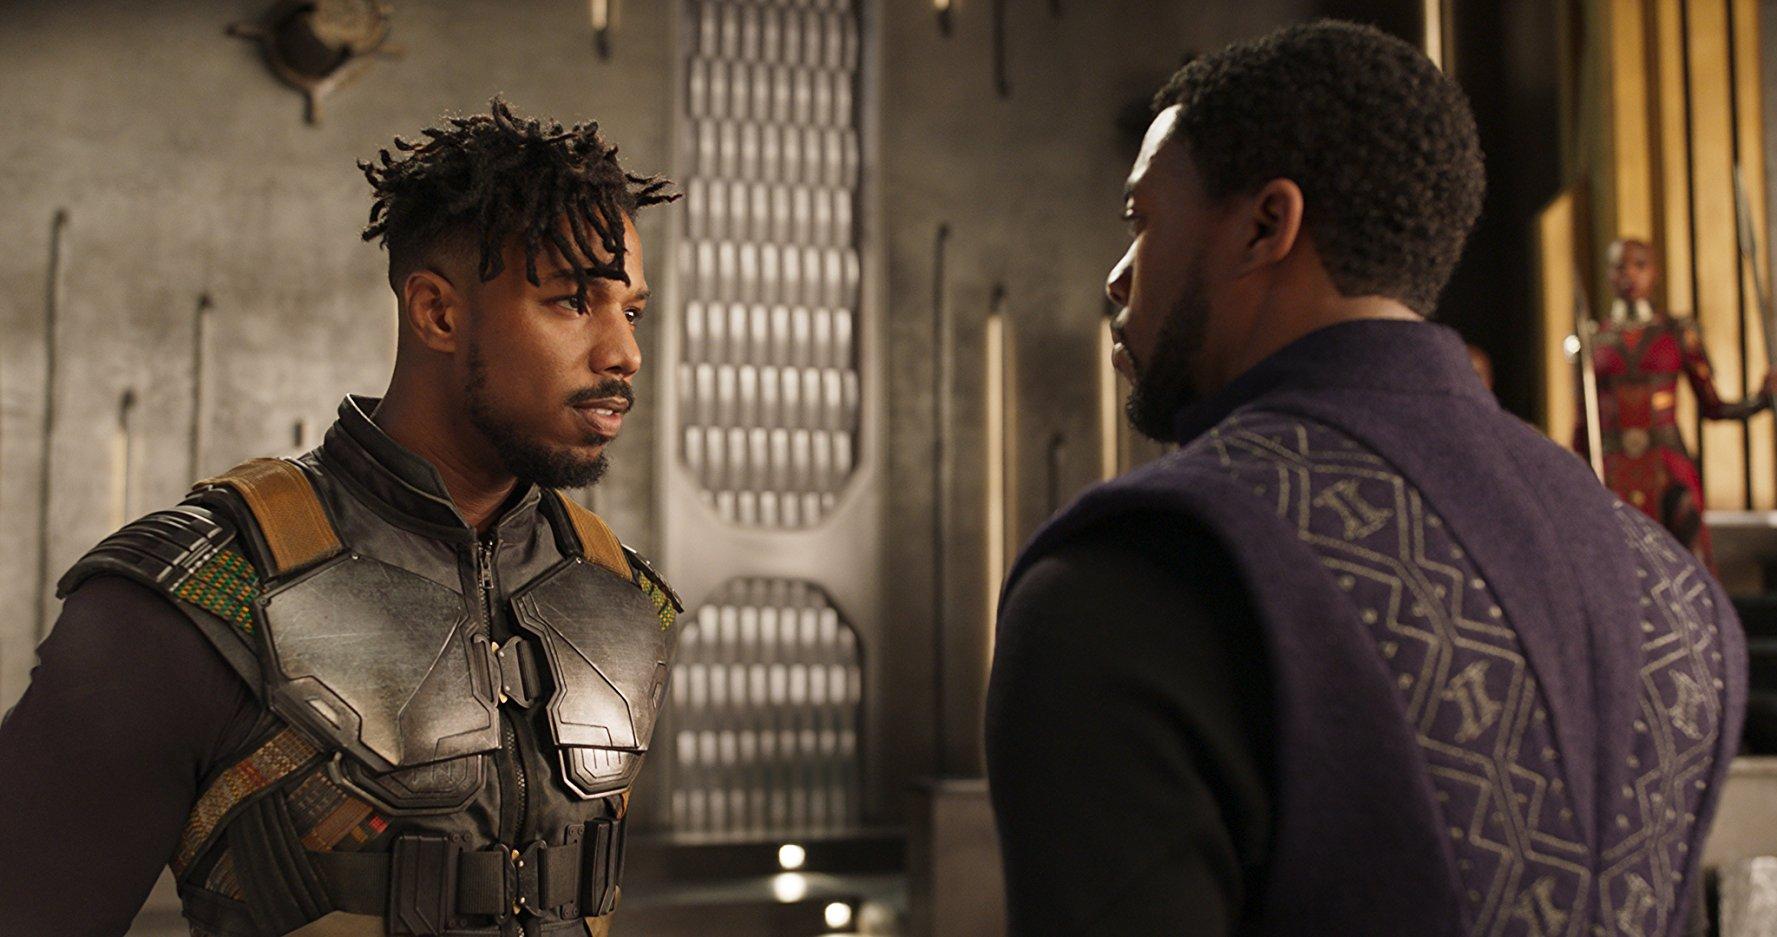 Otra captura más de 'Black Panther'